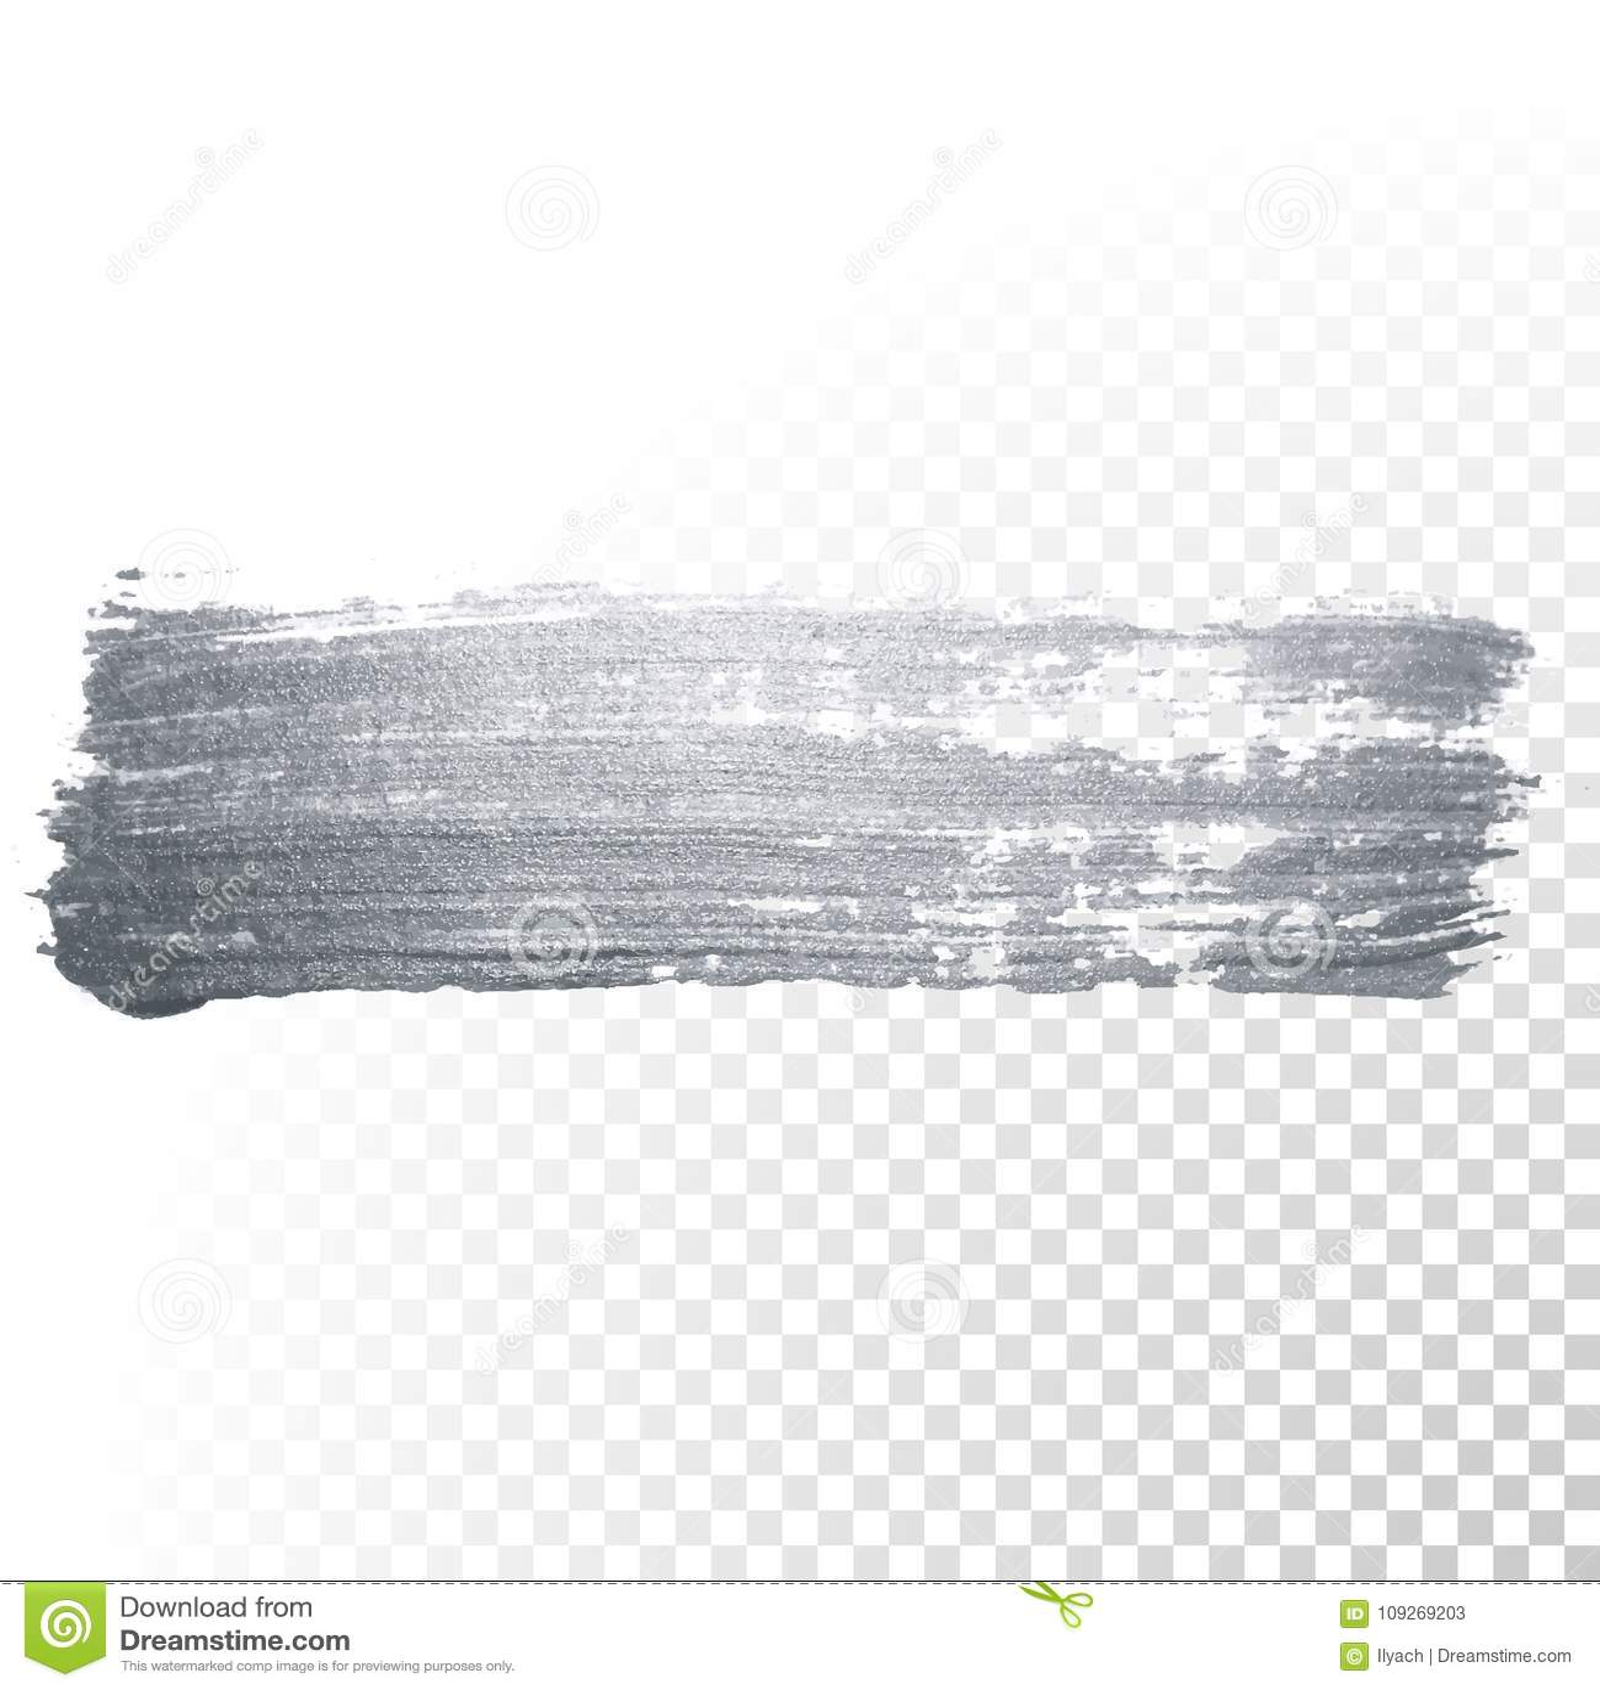 银色与闪烁纹理的画笔污点或污点冲程和抽象油漆刷闪烁的墨水轻拍污迹在透明bac